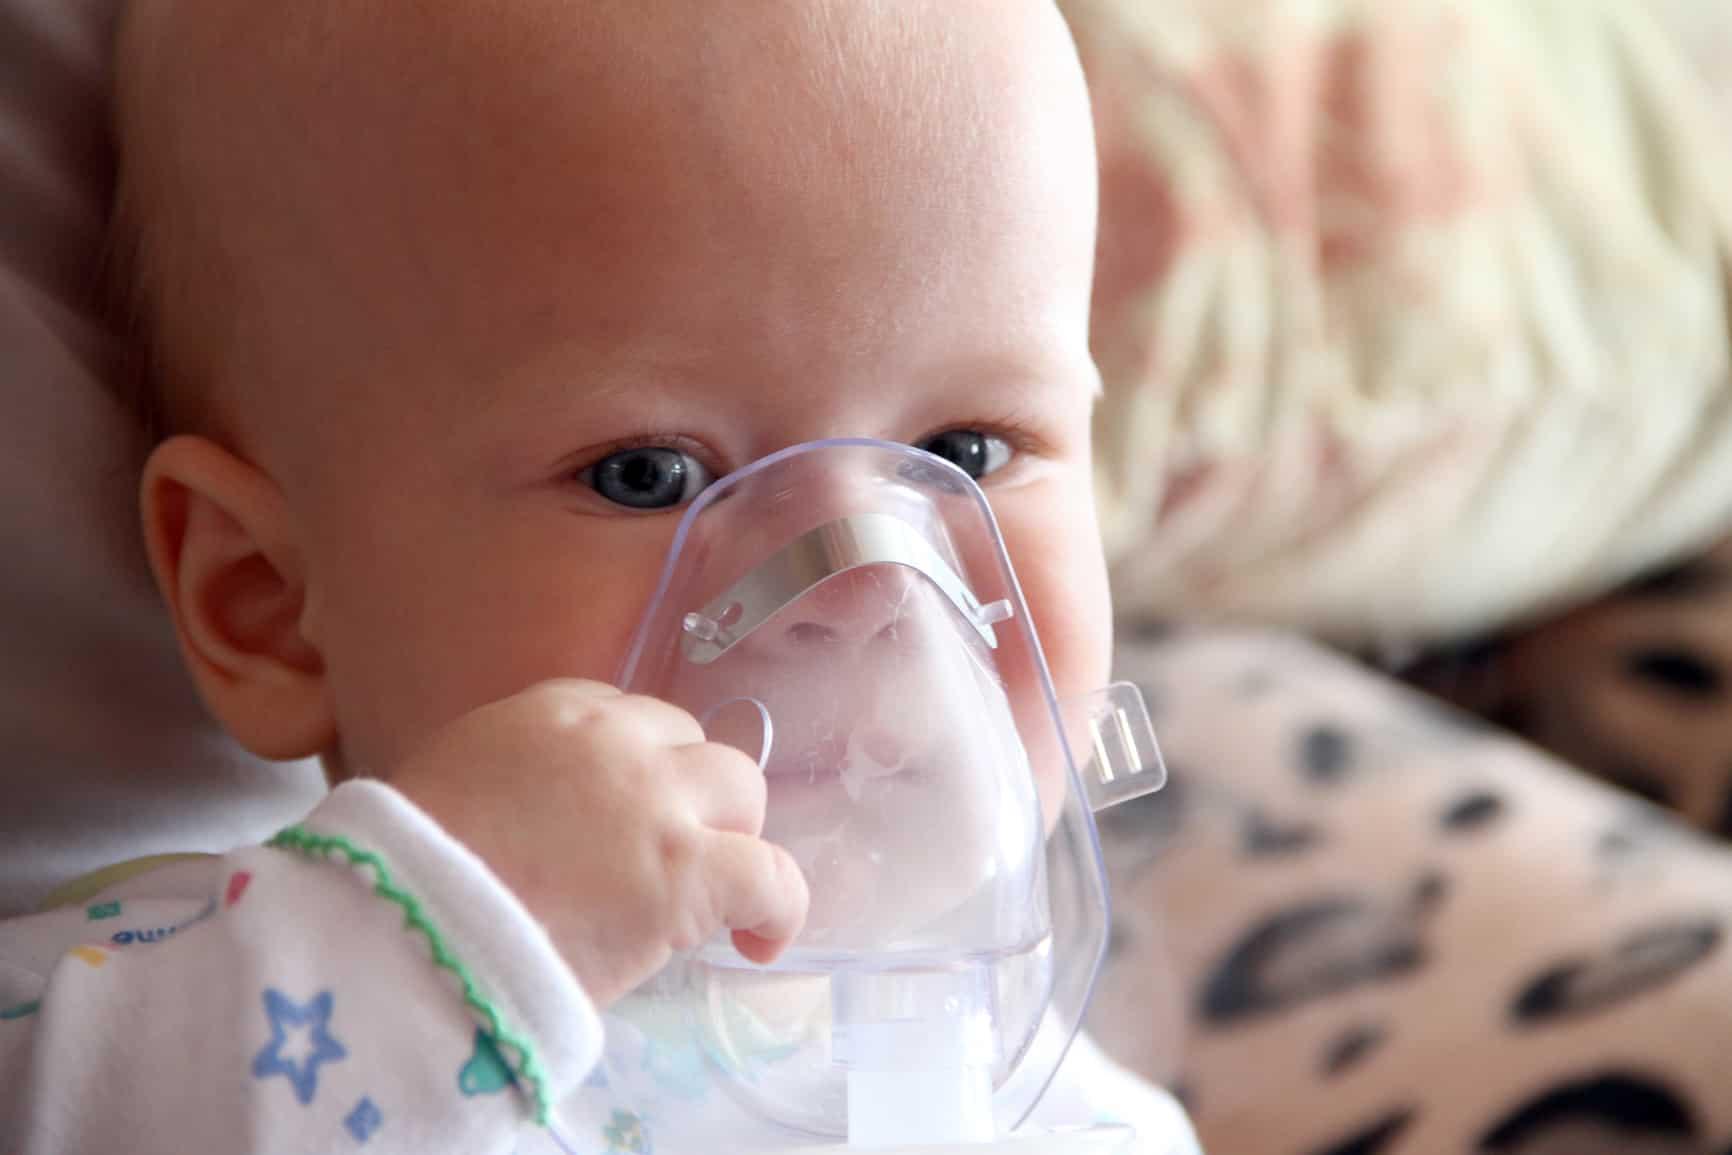 ребенку 1 месяц чем лечить сопли